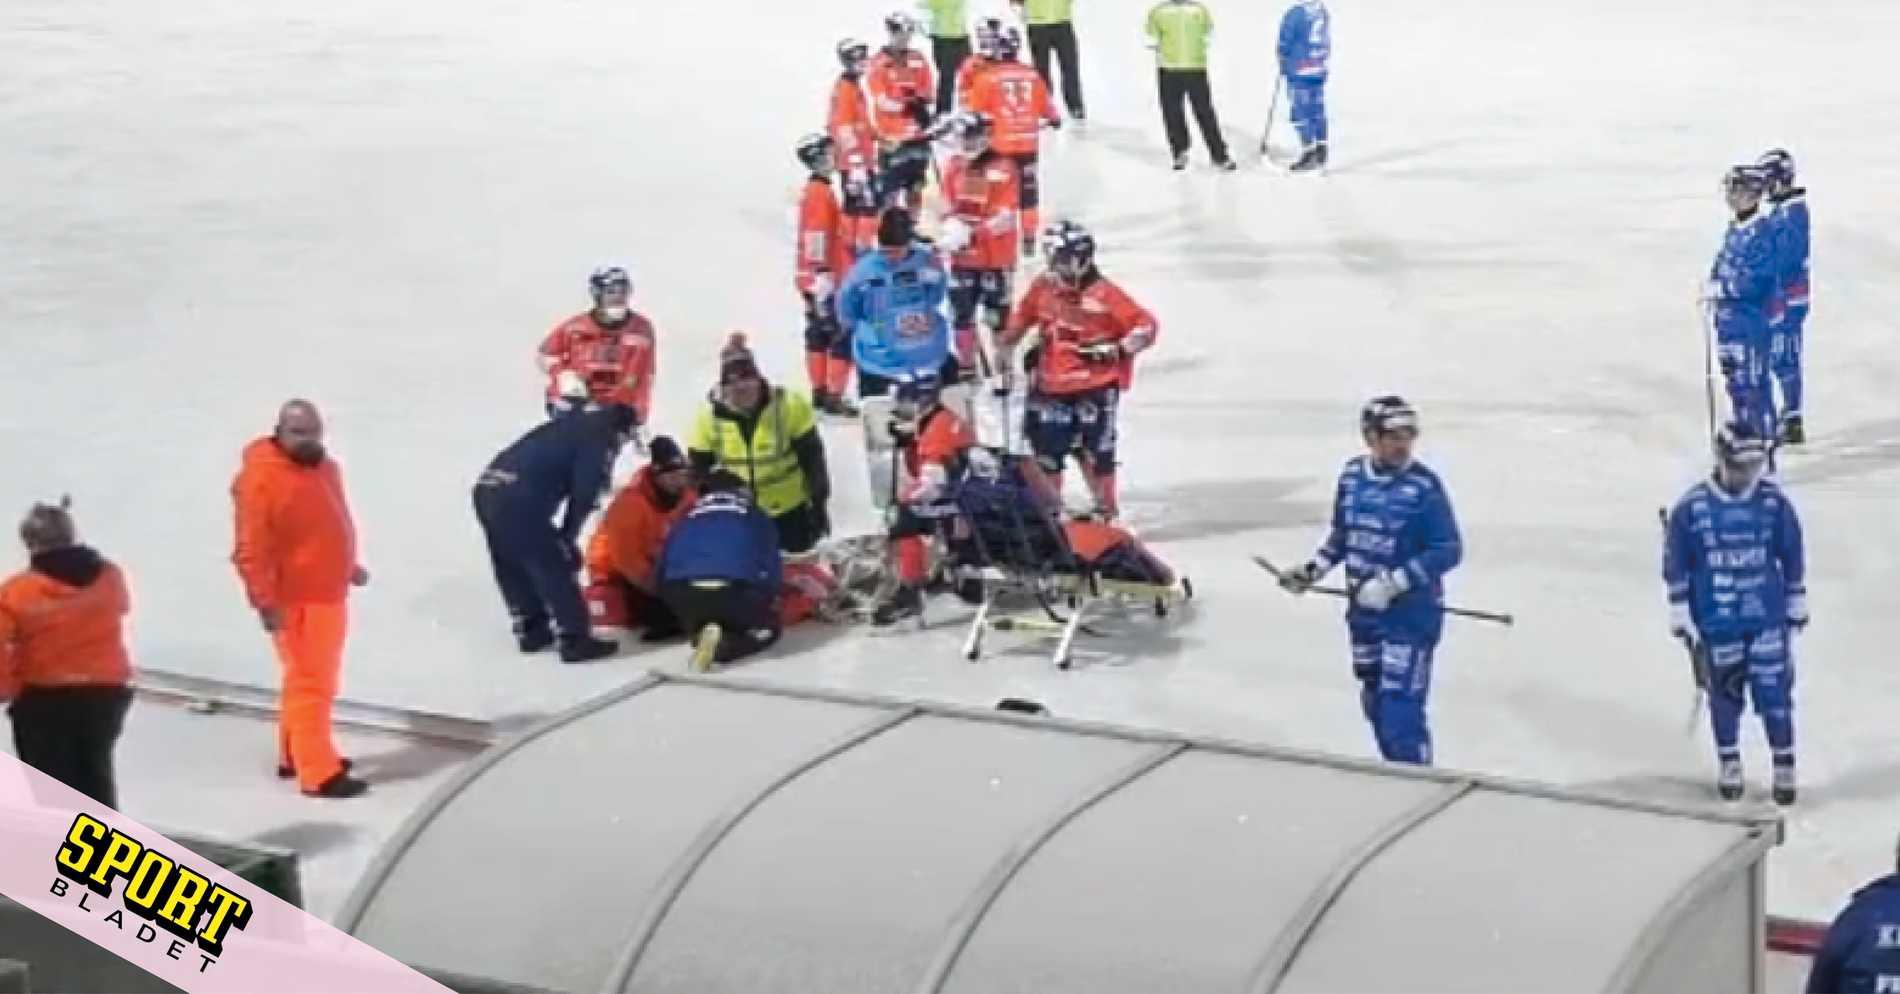 Otäcka scener när matchen avbröts i Bollnäs